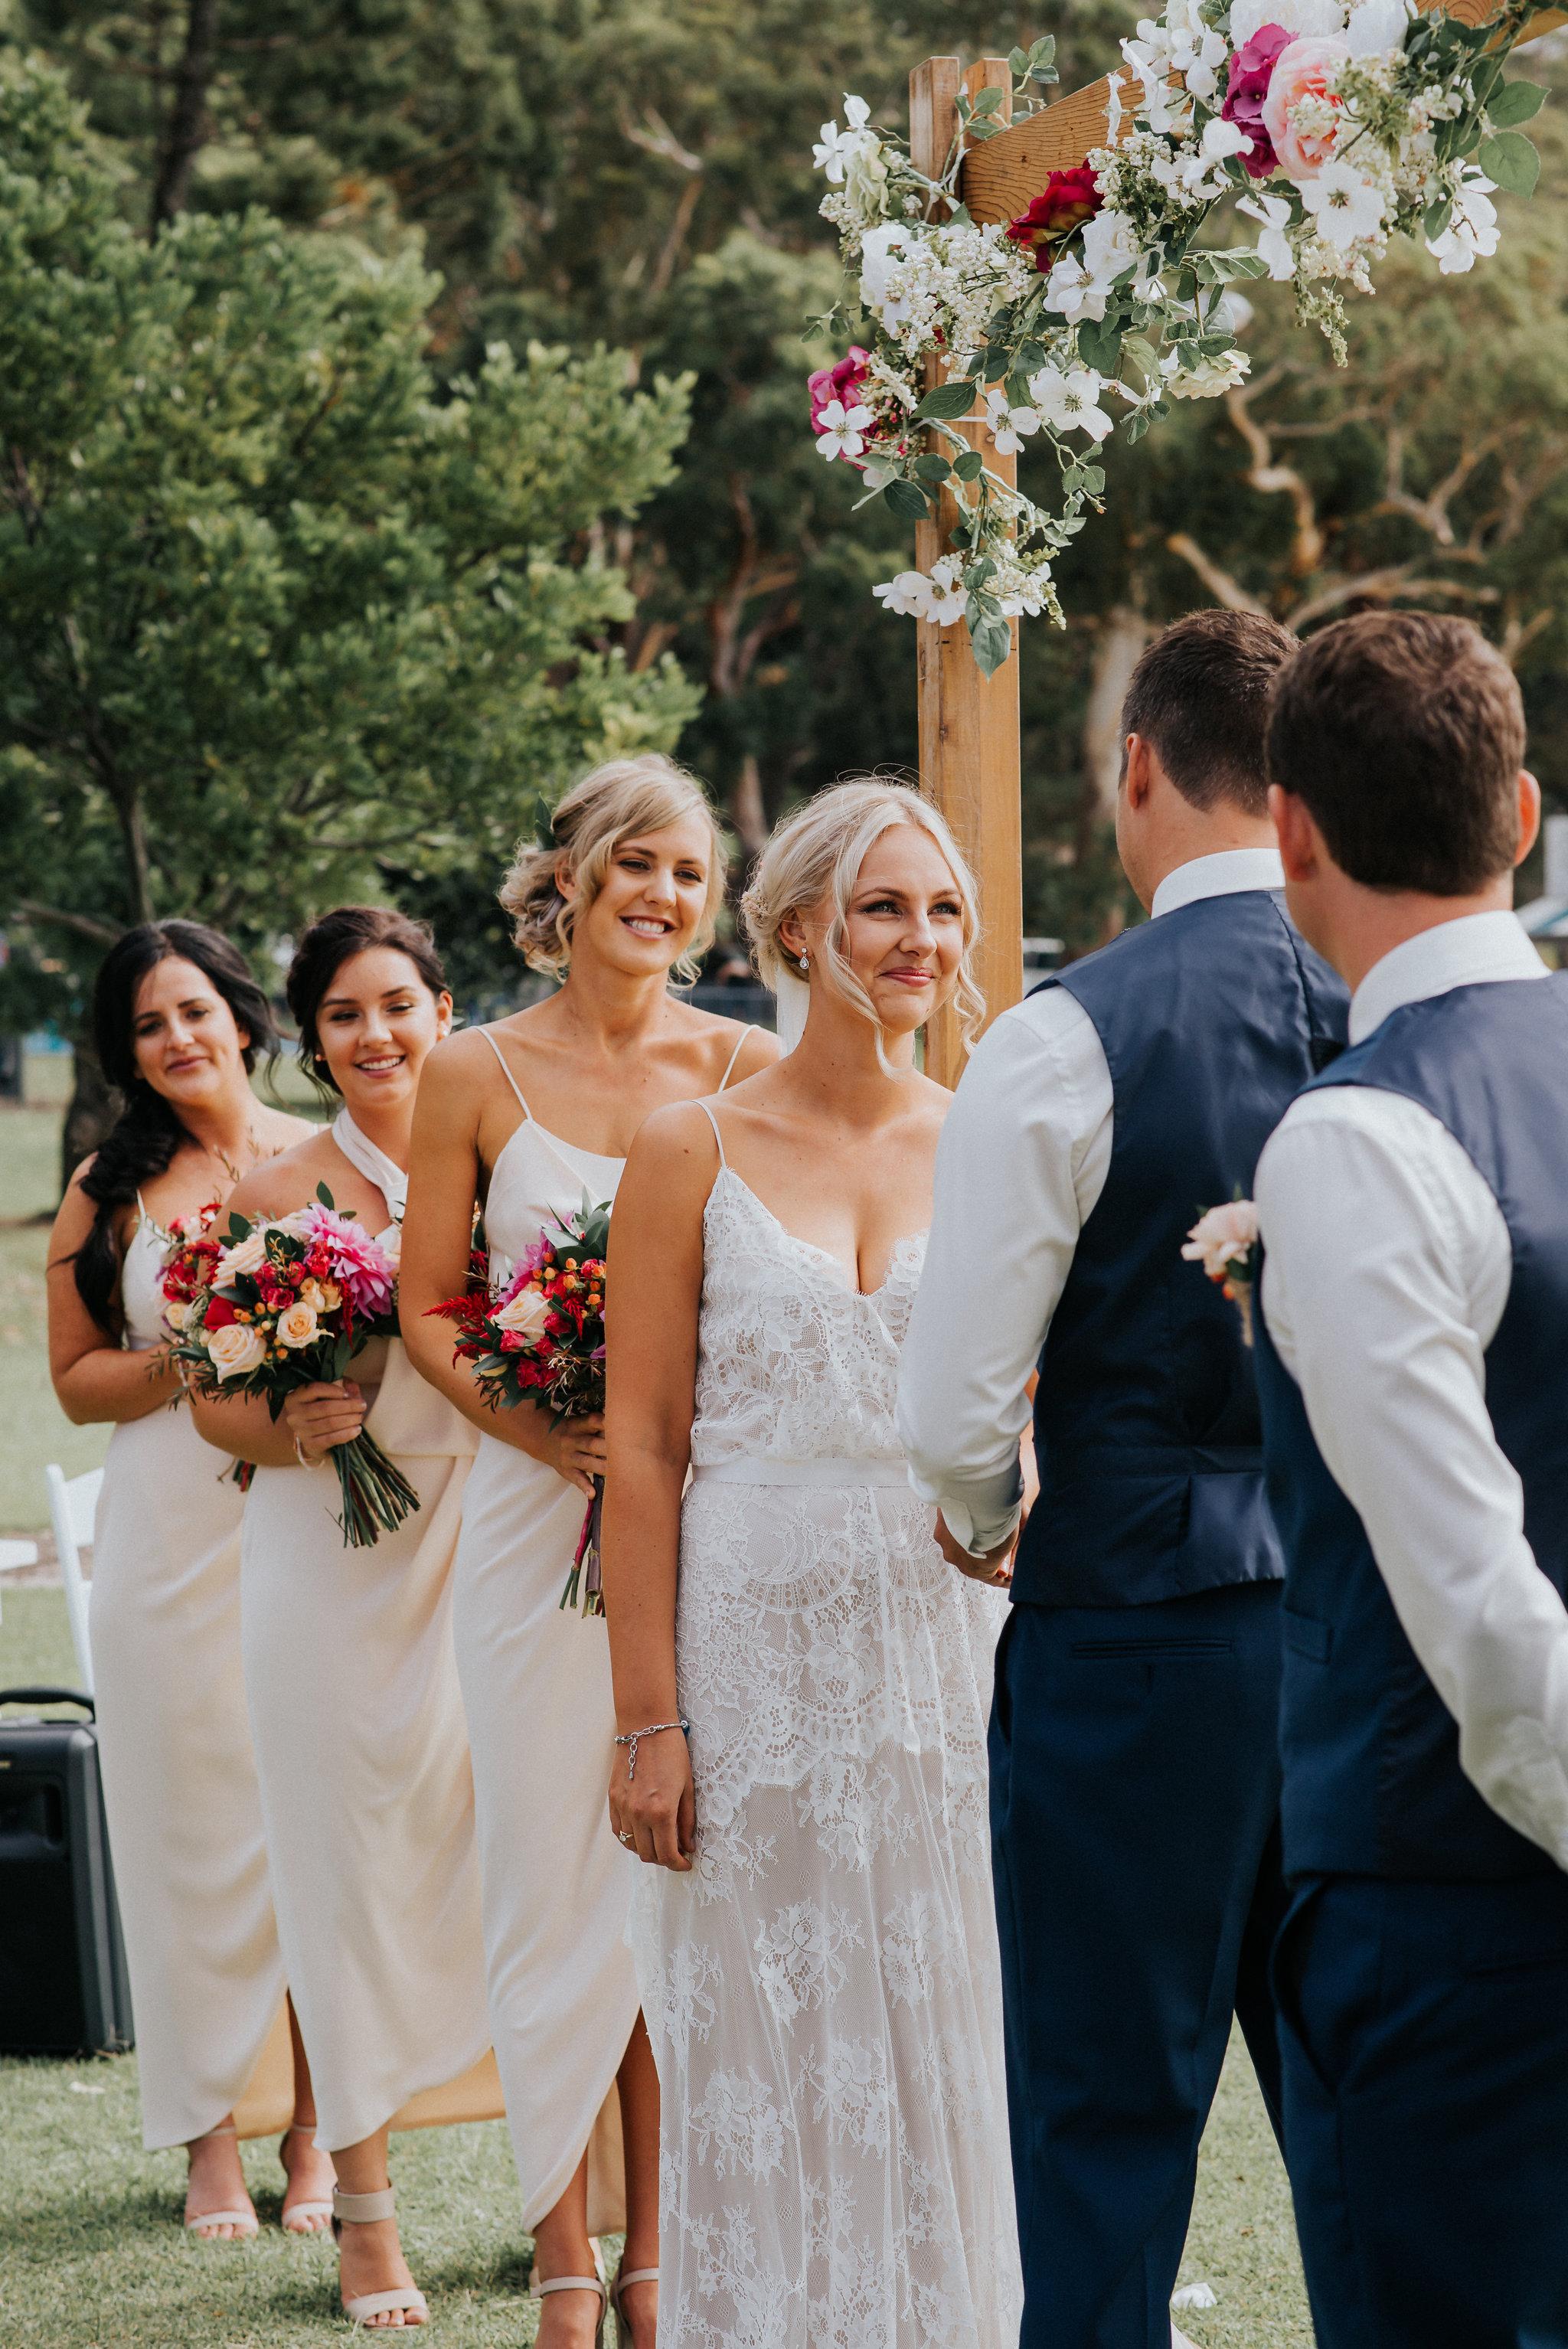 LITTLE-BEACH-WEDDING-MARCHANT-387.jpg